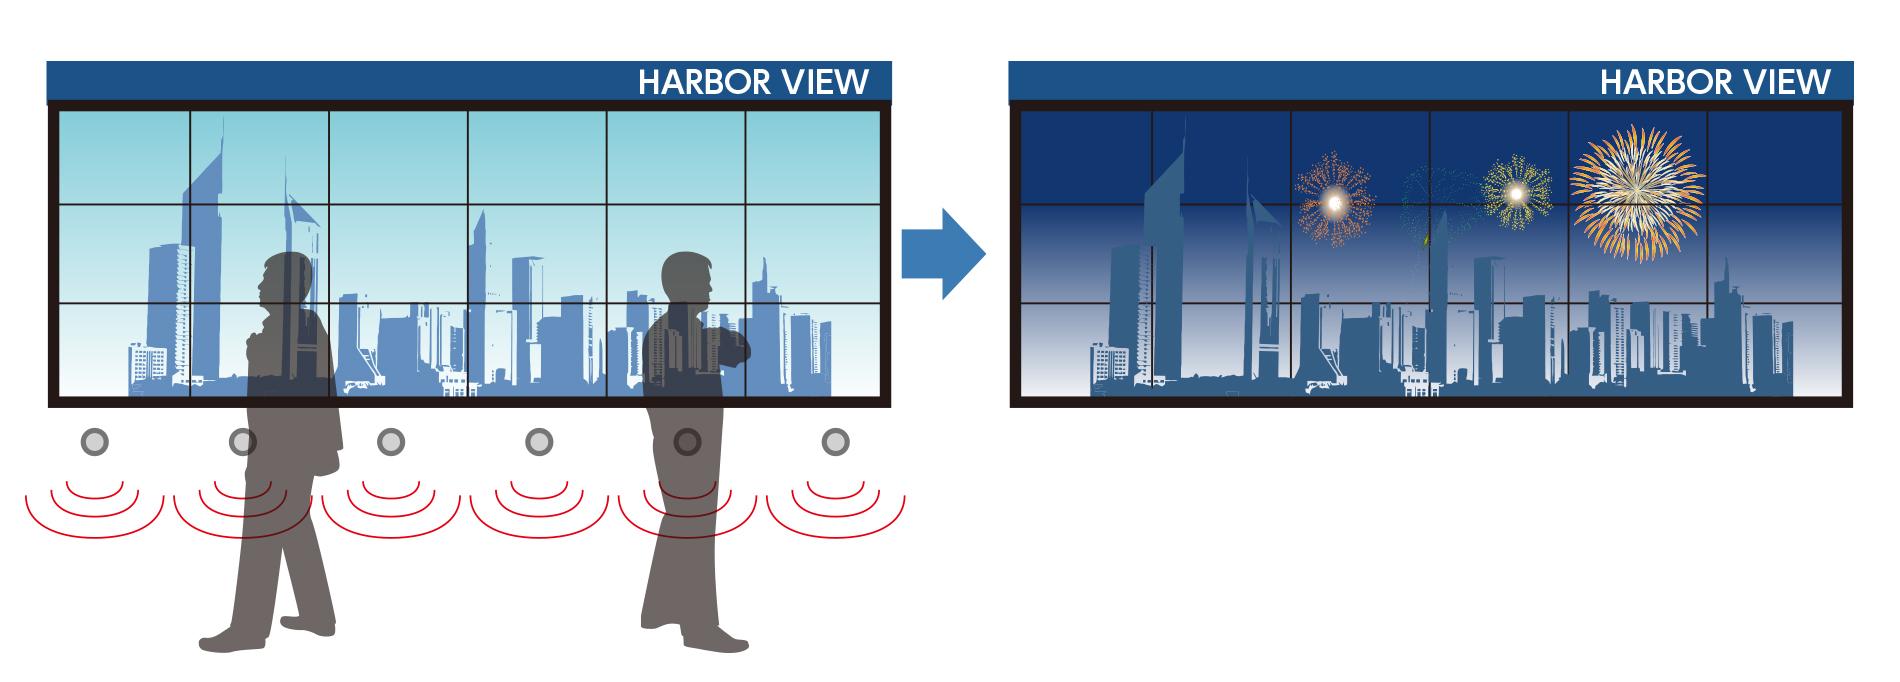 インタラクティブコンテンツ「HARBOR VIEW」